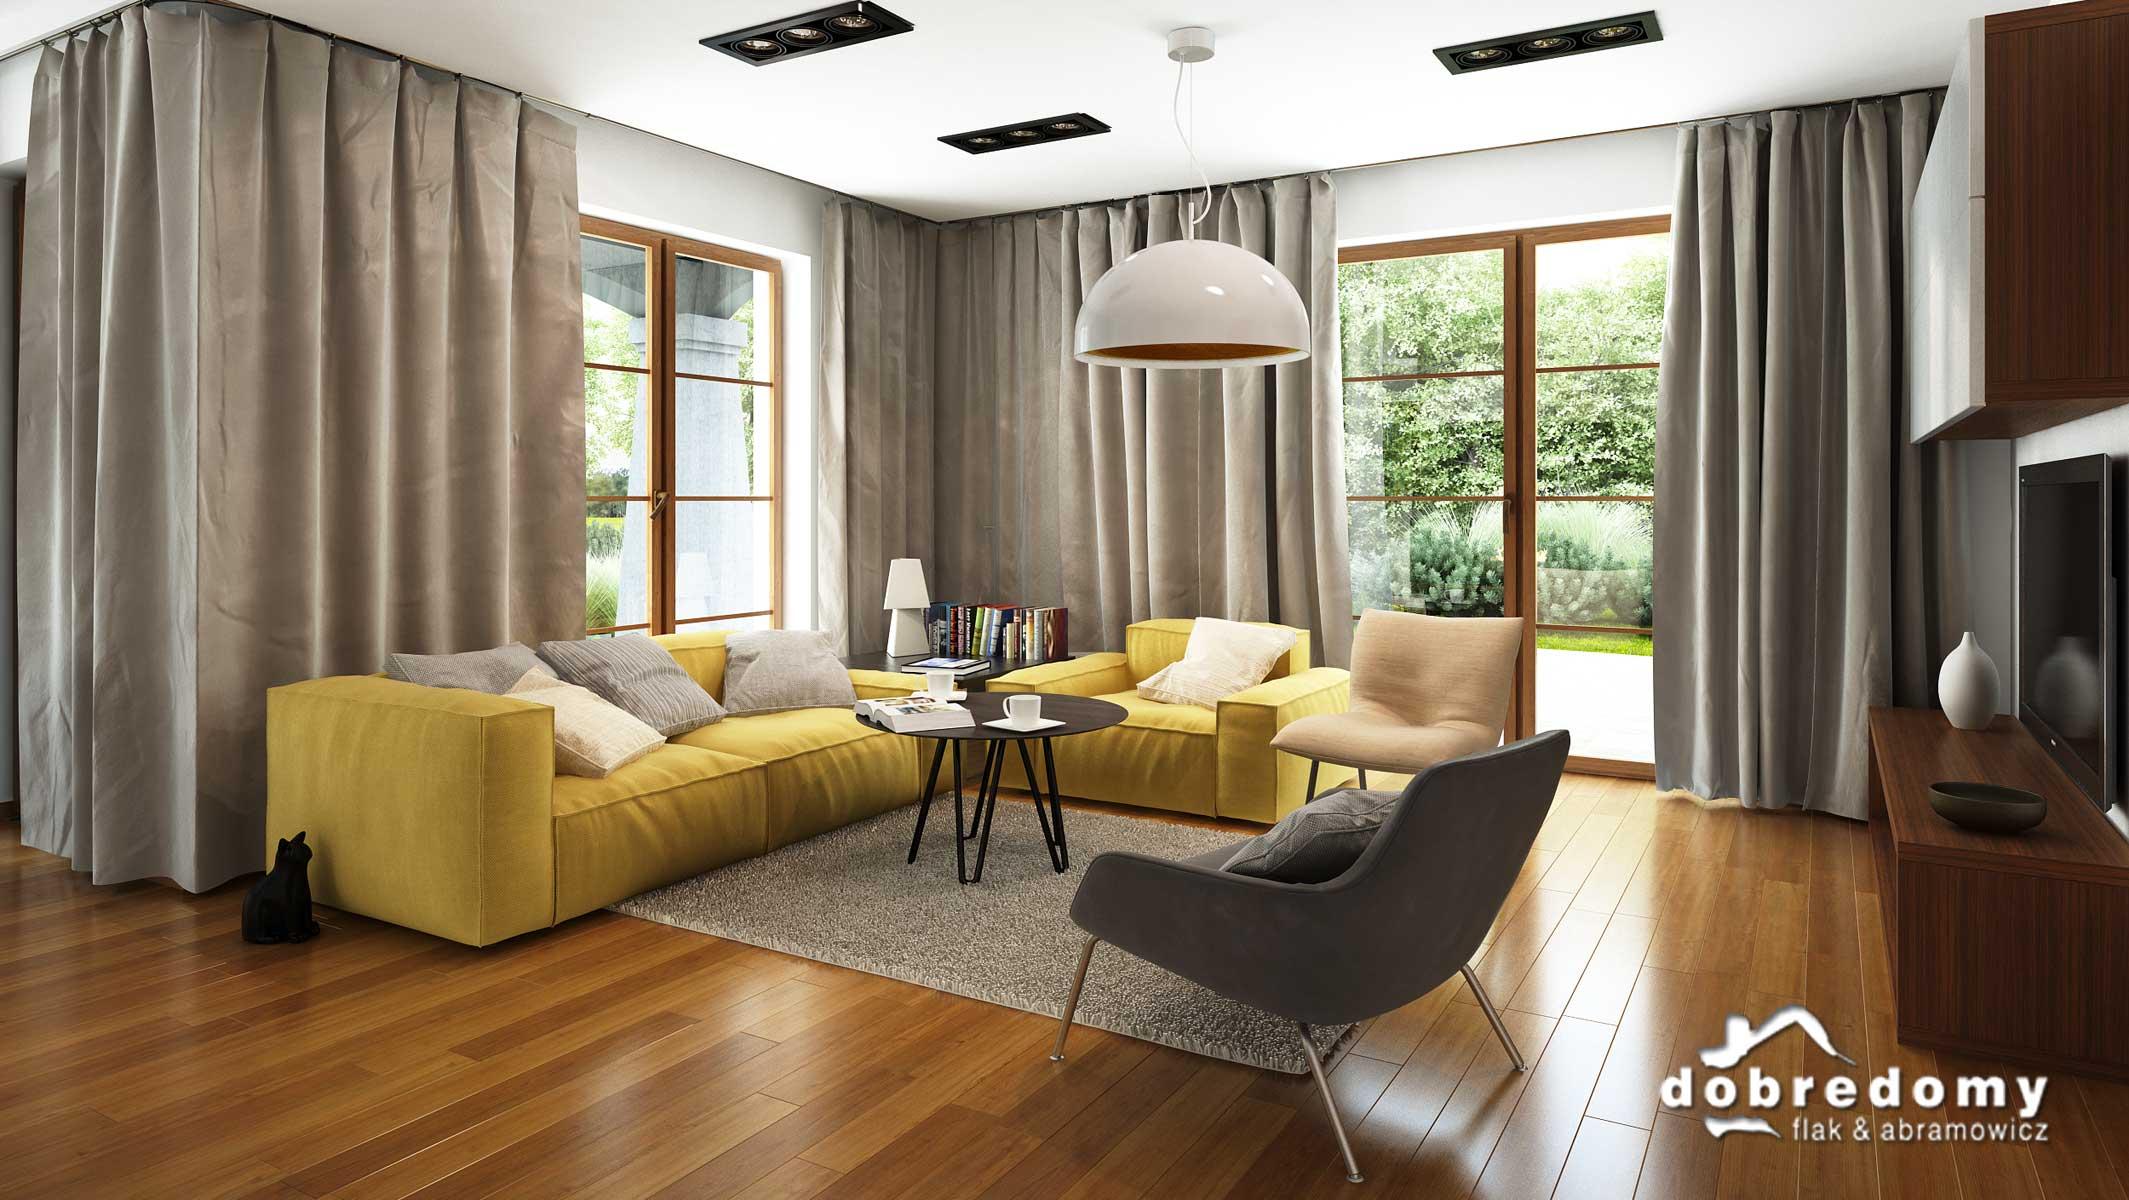 Sposób na wygodę i porządek w domu: odkurzanie centralne